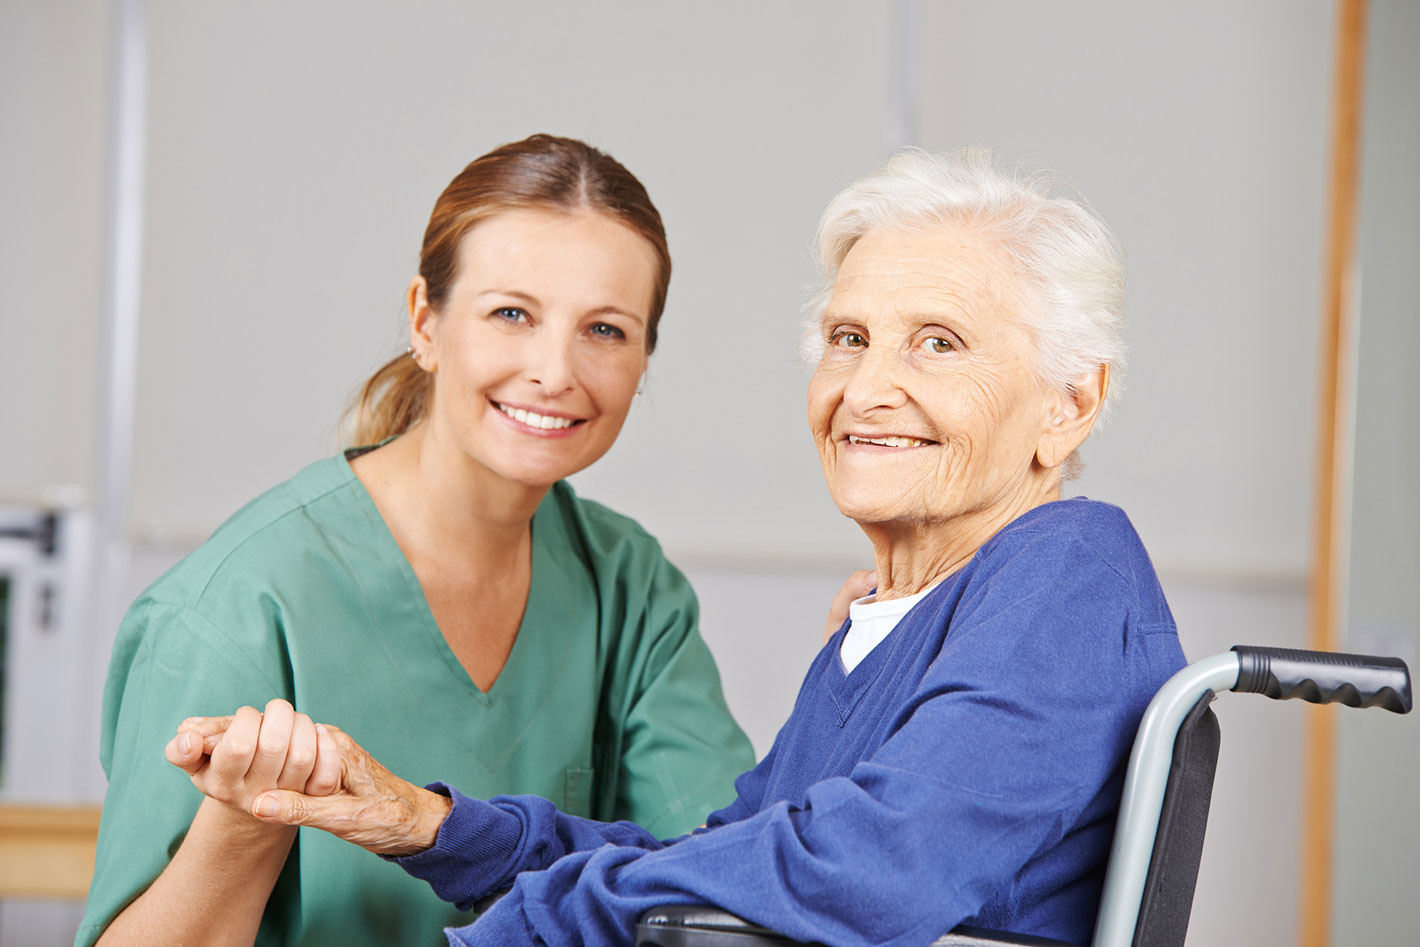 Recomendaciones a la hora de contratar un cuidador en casa